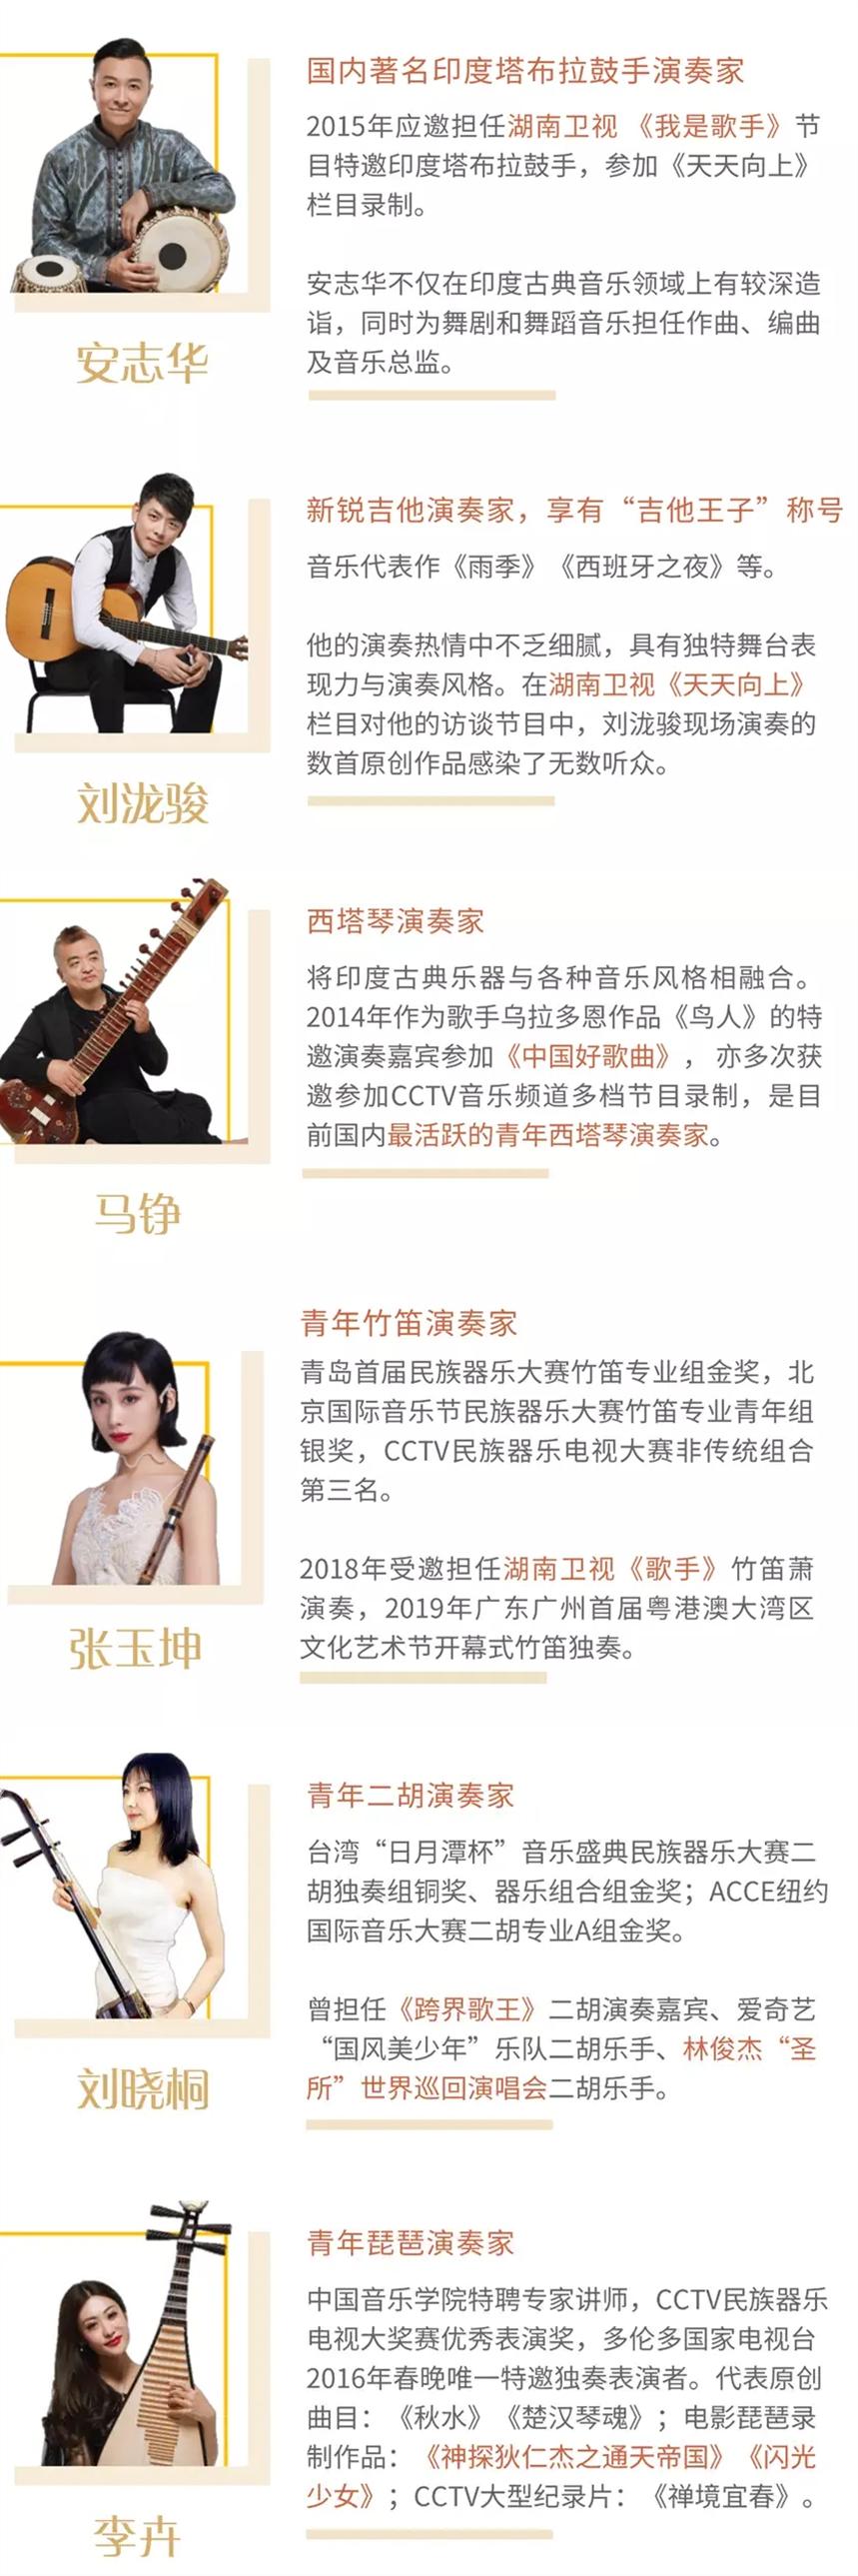 2021穿越丝绸之路·非凡丝路乐团音乐会《丝路驼铃》-珠海站